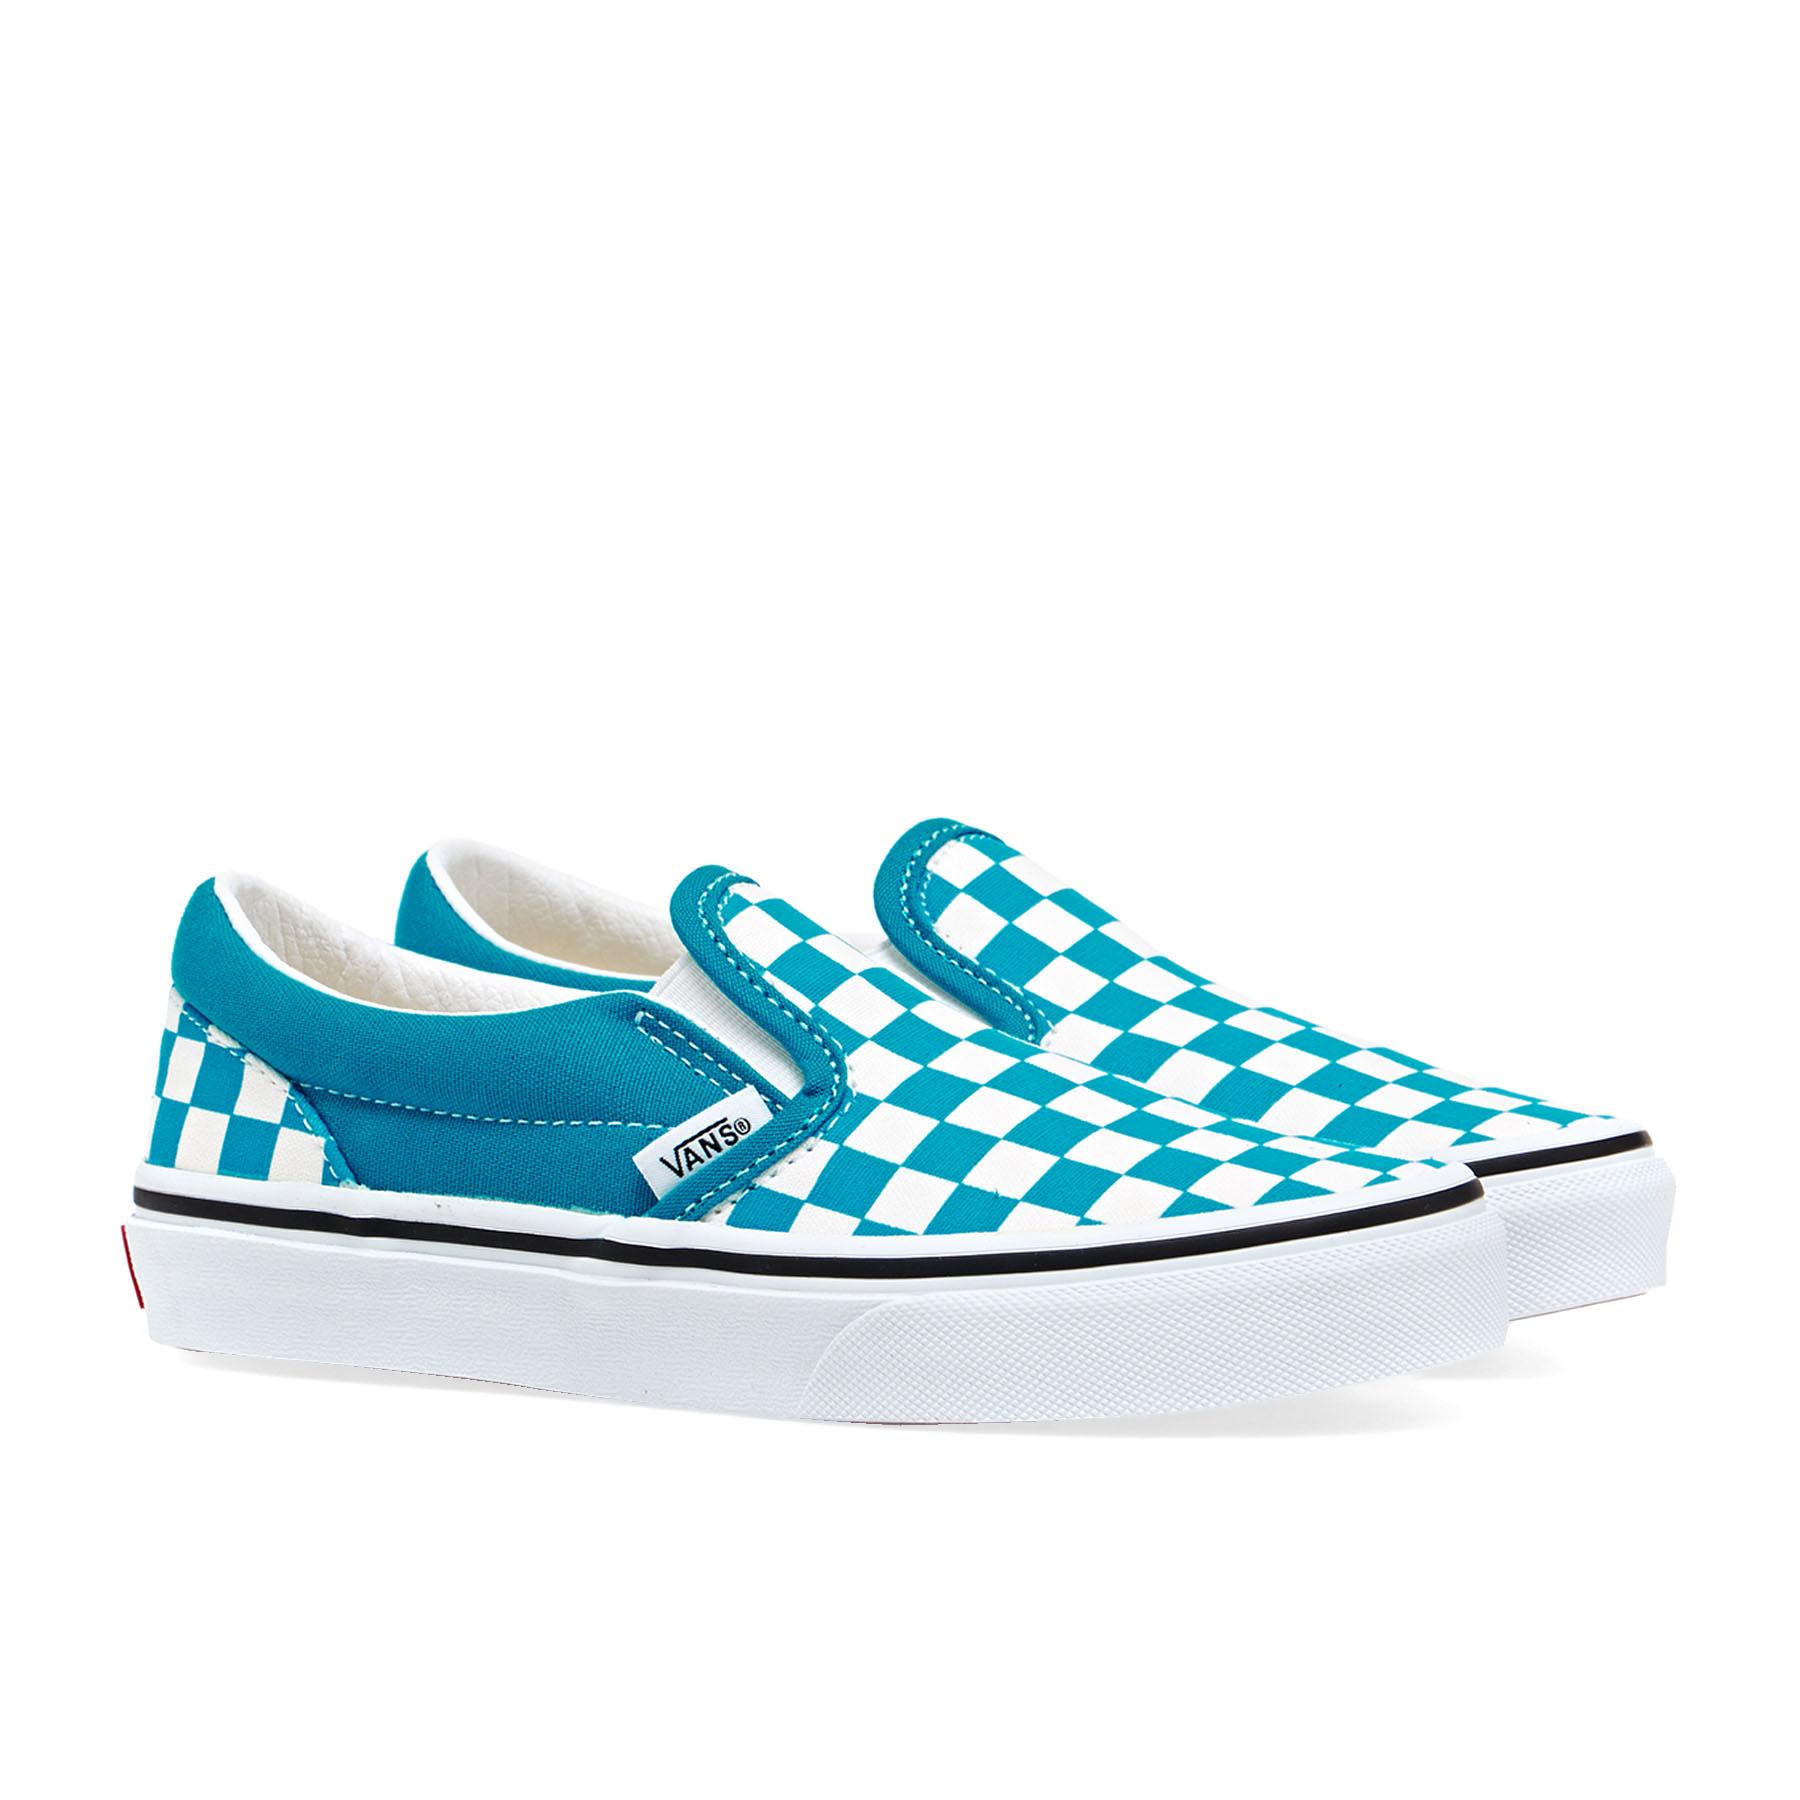 Chaussures Enfant Vans Classic Slip On Youth   Livraison gratuite ...